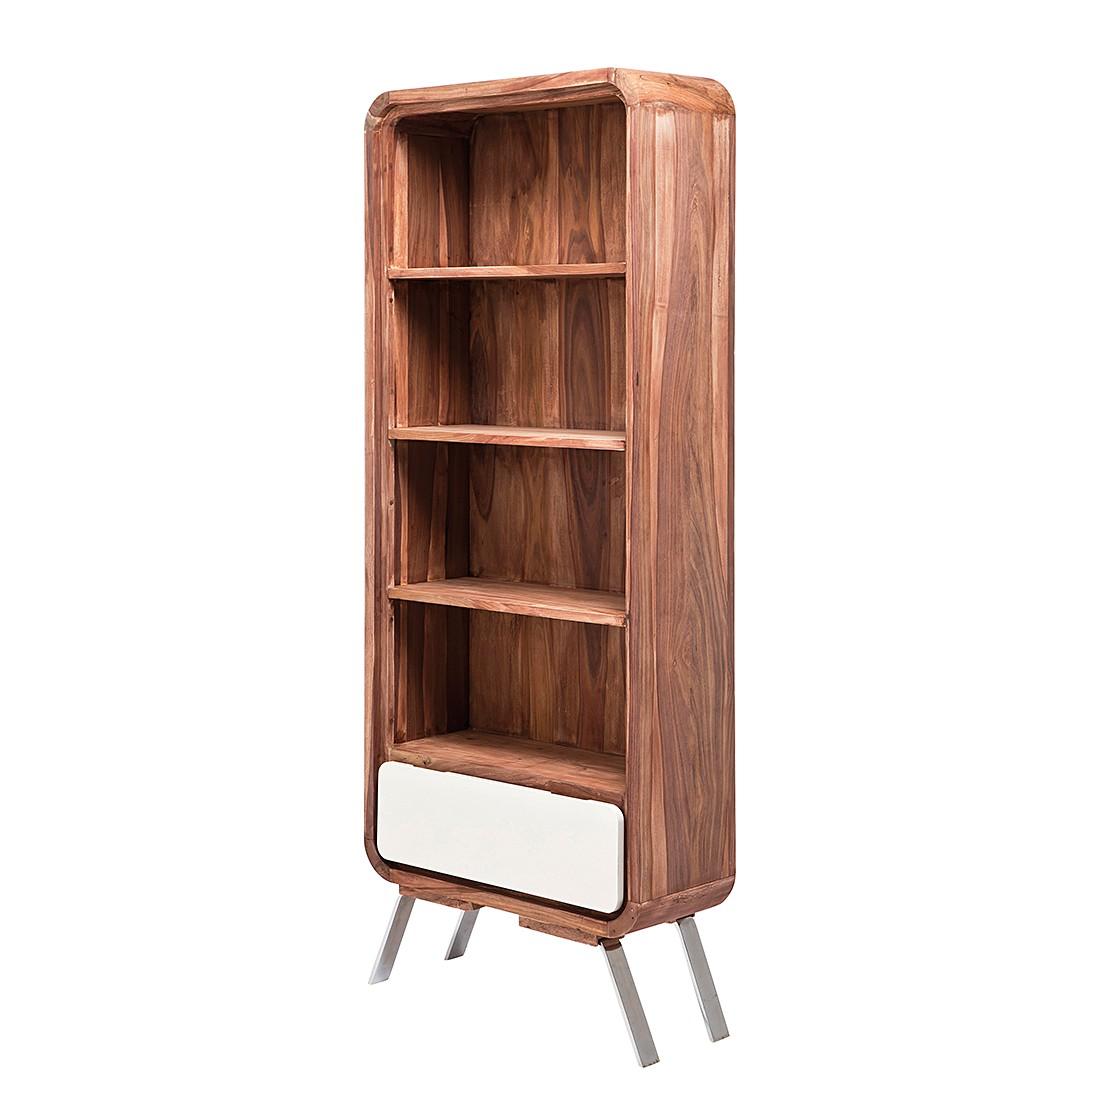 Sie sind hier: Home Wohnzimmer Bücherregale Kare Design Regal Bilbao ...